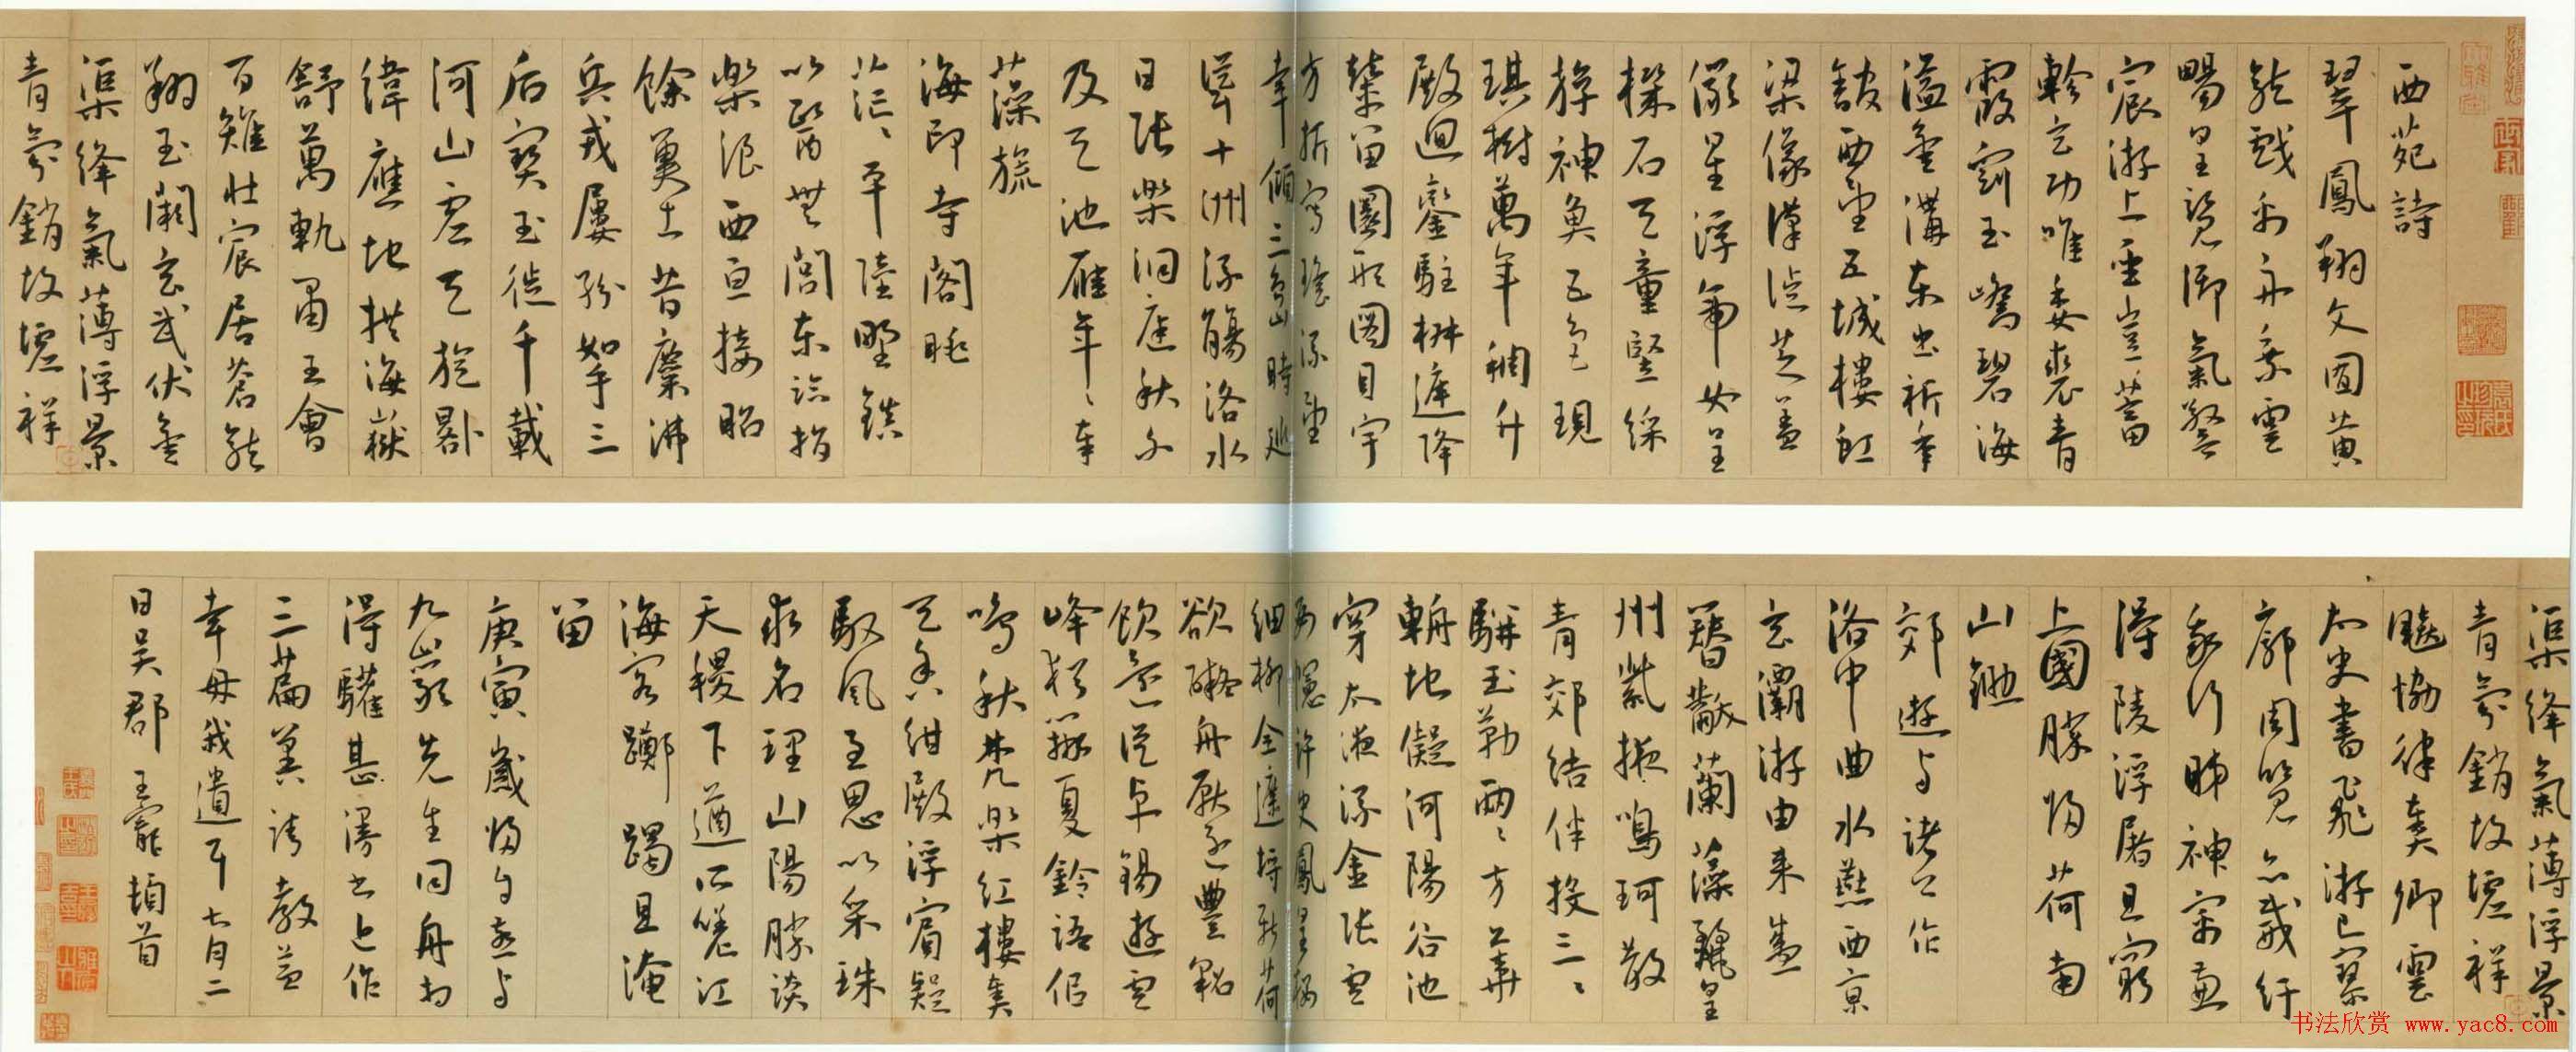 明代王宠行草书法赏析《西苑诗》卷